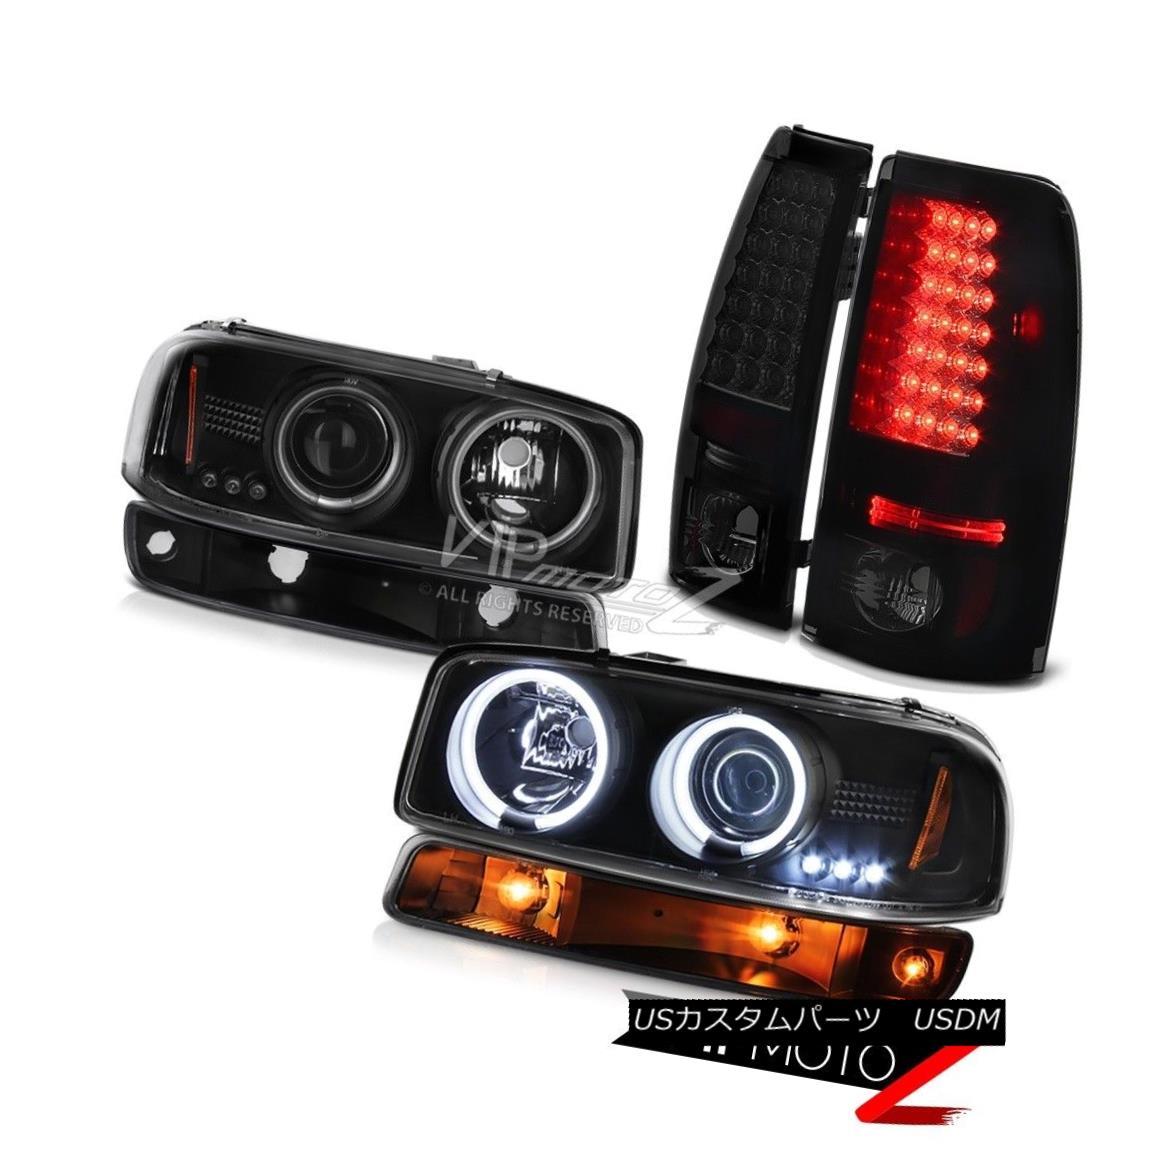 ヘッドライト 99 00 01 02 Sierra 1500 SMD taillights inky black bumper lamp ccfl headlights 99 00 01 02 Sierra 1500 SMDテールライトインクブラックバンパーランプccflヘッドライト